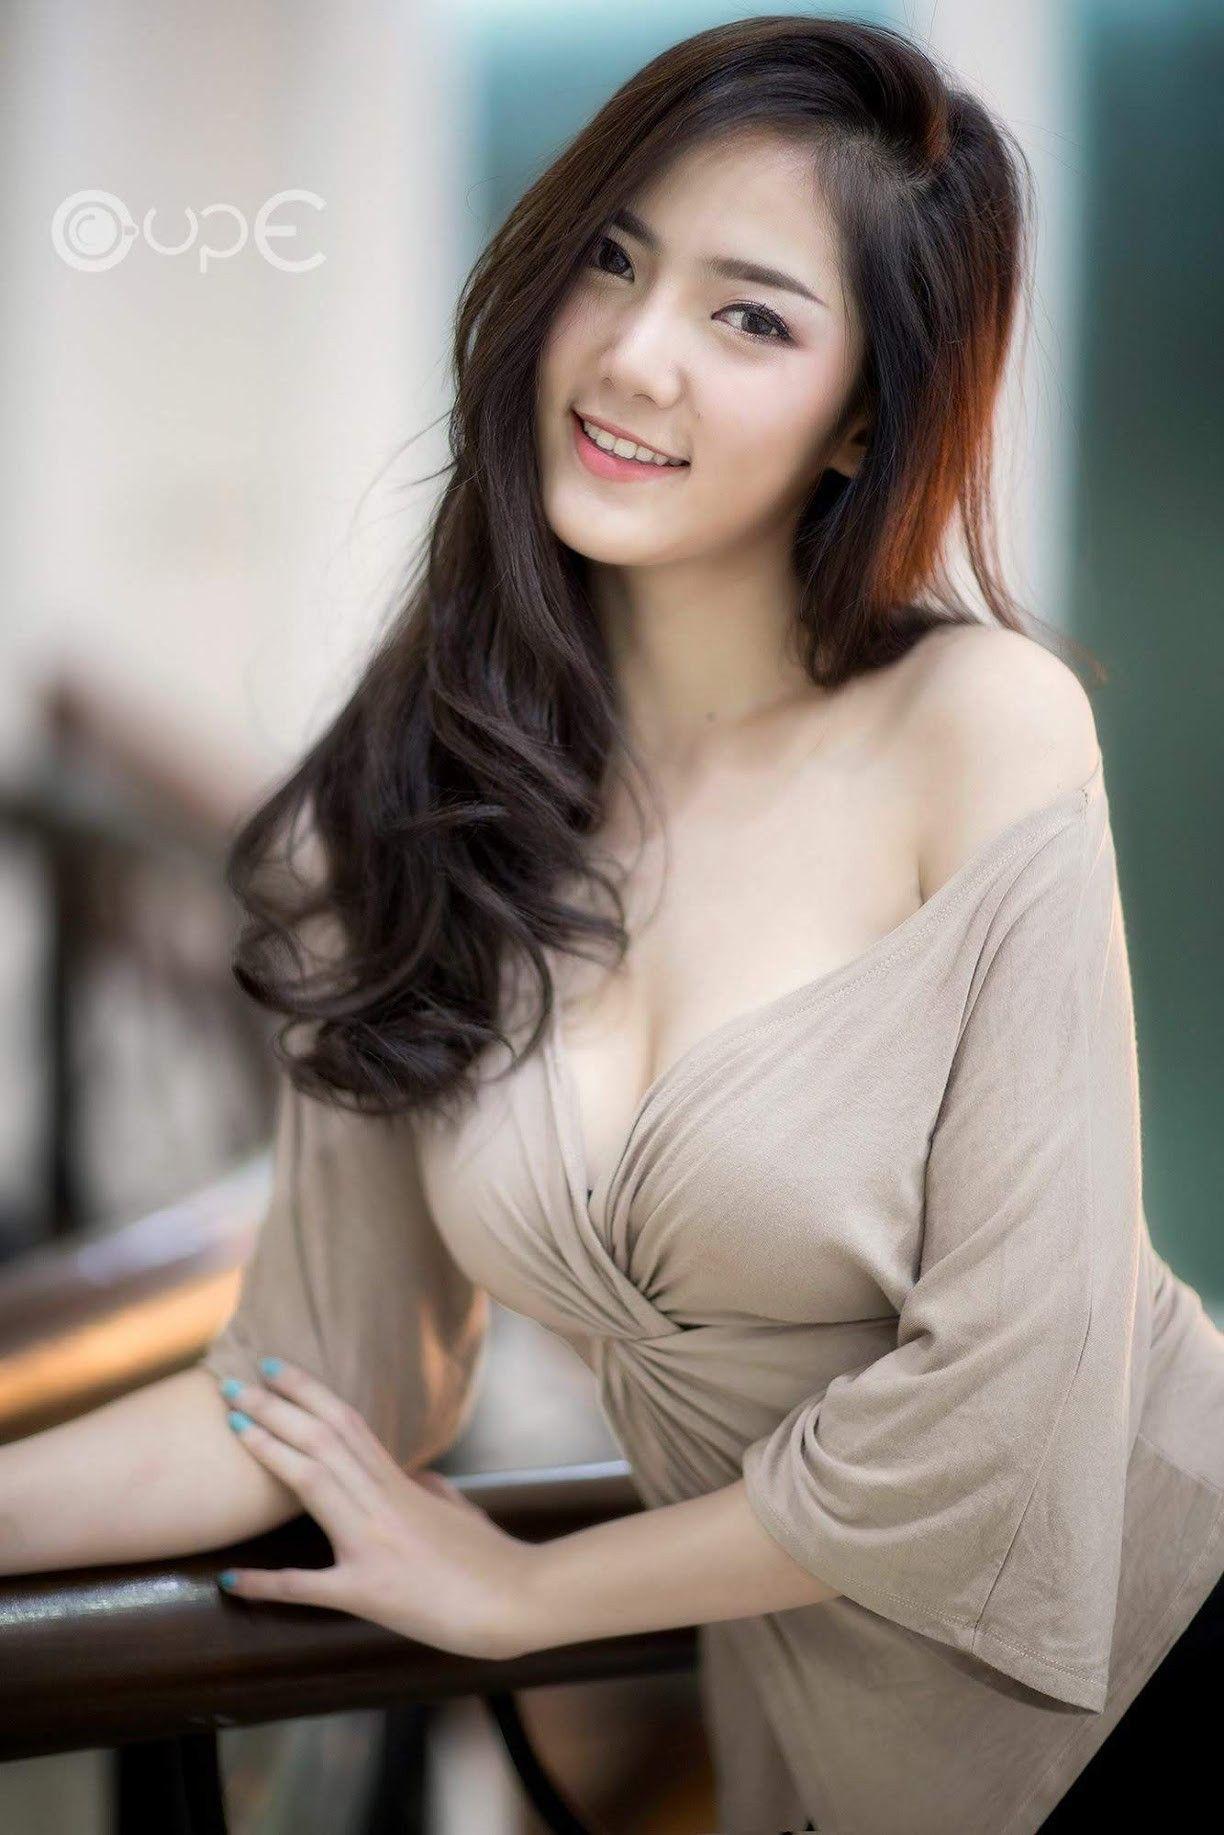 Pin on Beautiful asian women